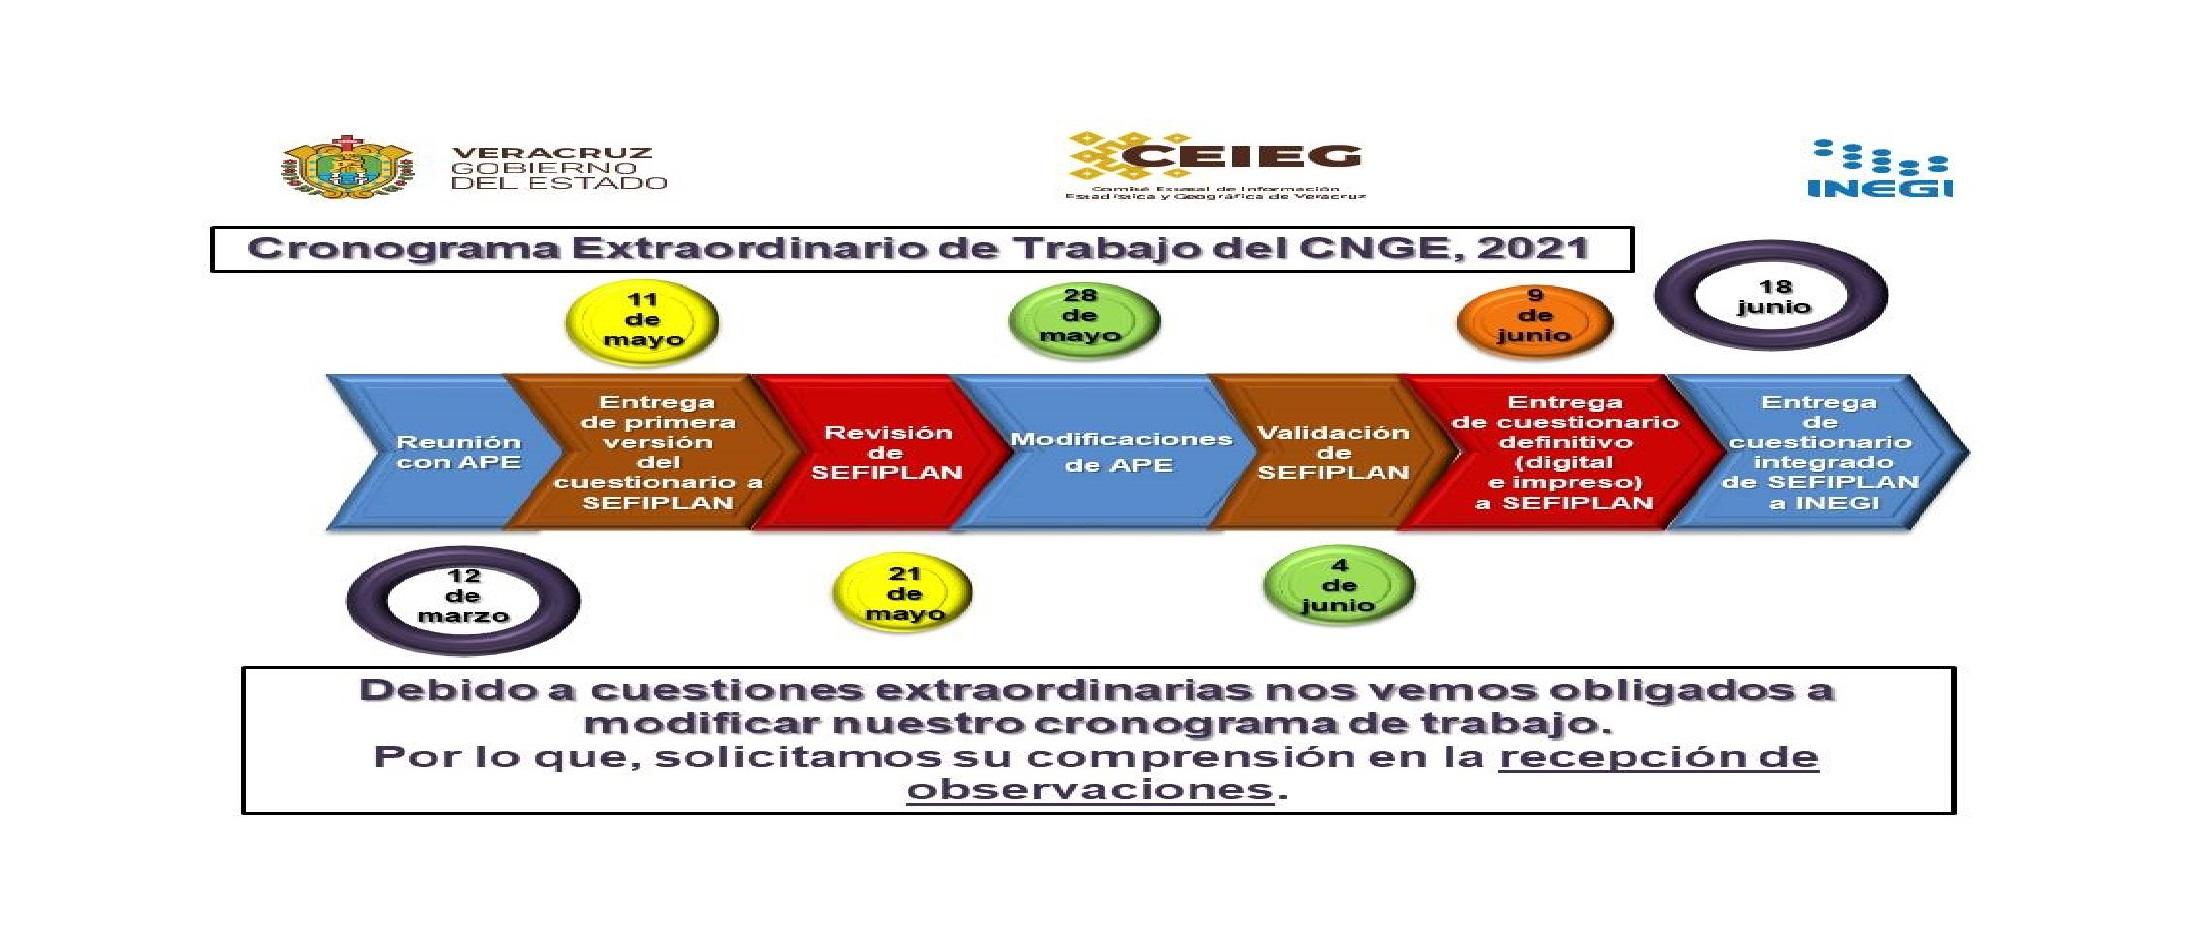 Cronograma Extra CNGE 2021